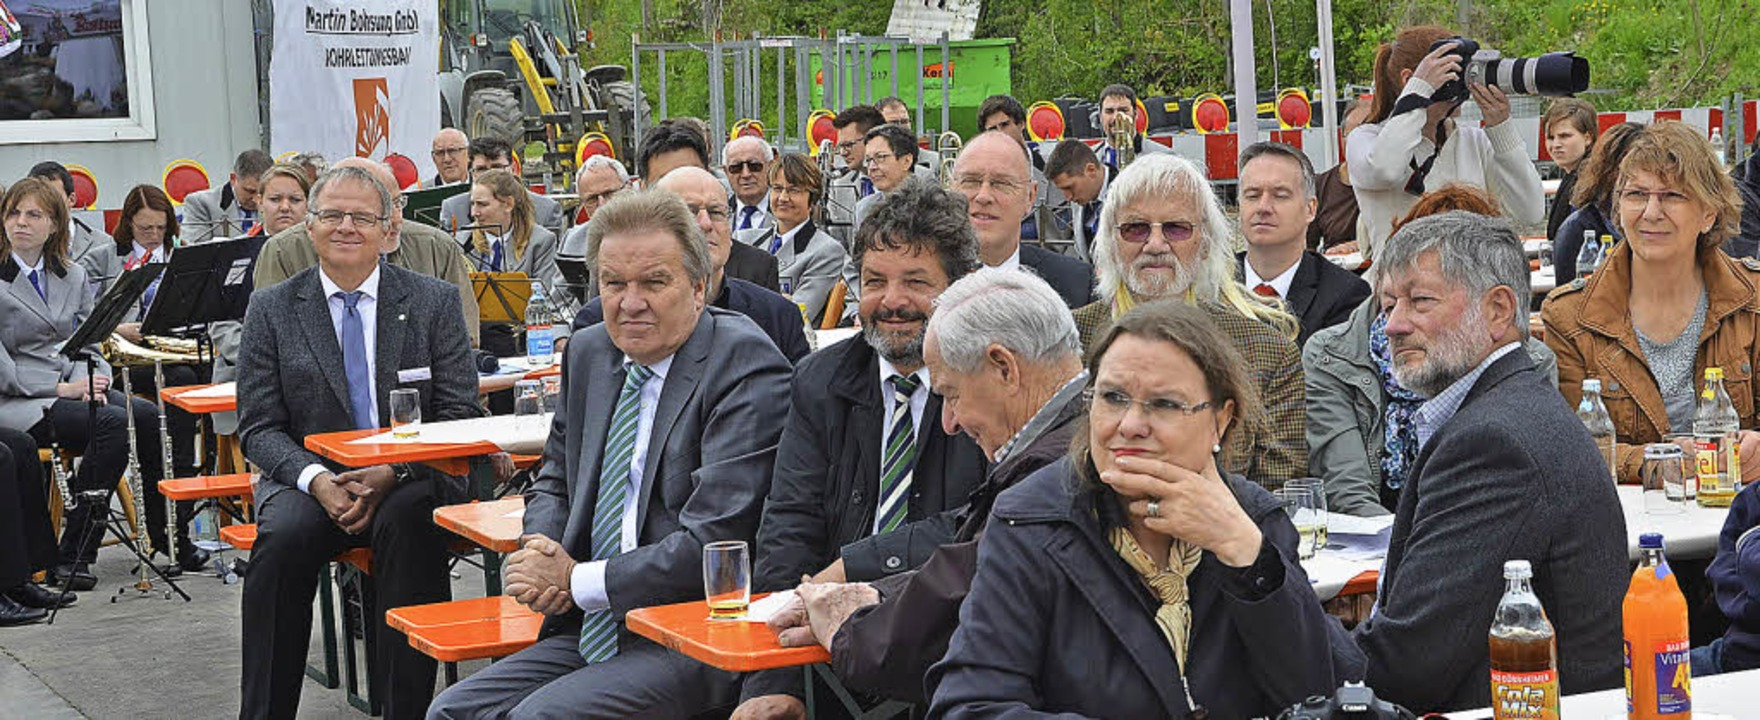 Viele interessierte Besucher waren zur Einweihung des Nahwärmenetzes gekommen.  | Foto: Juliane Kühnemund